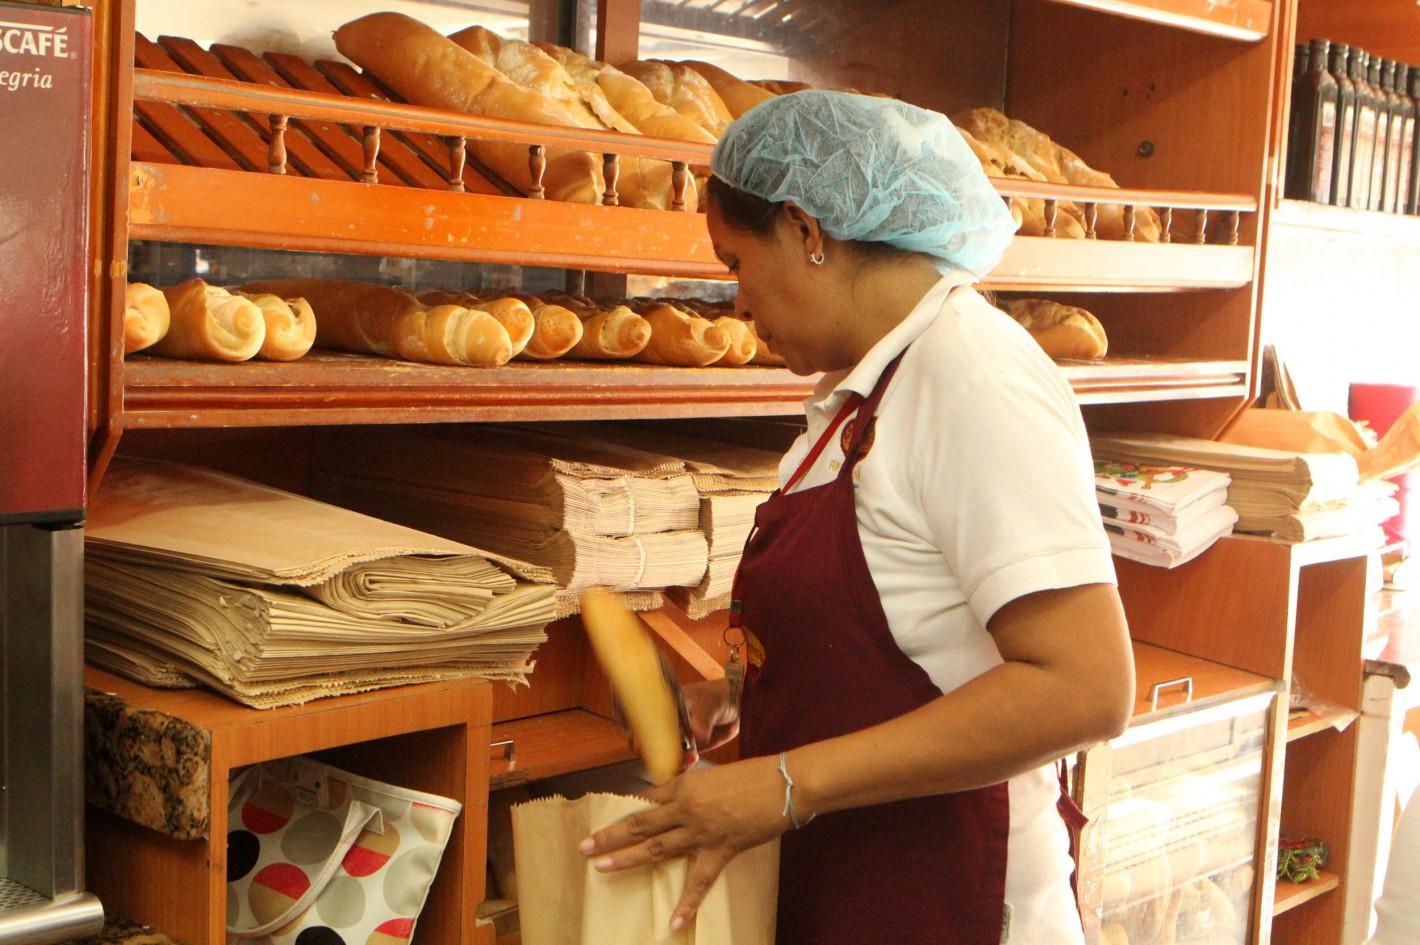 Ya cerraron más de 200 panaderías y el sector se declara en emergencia